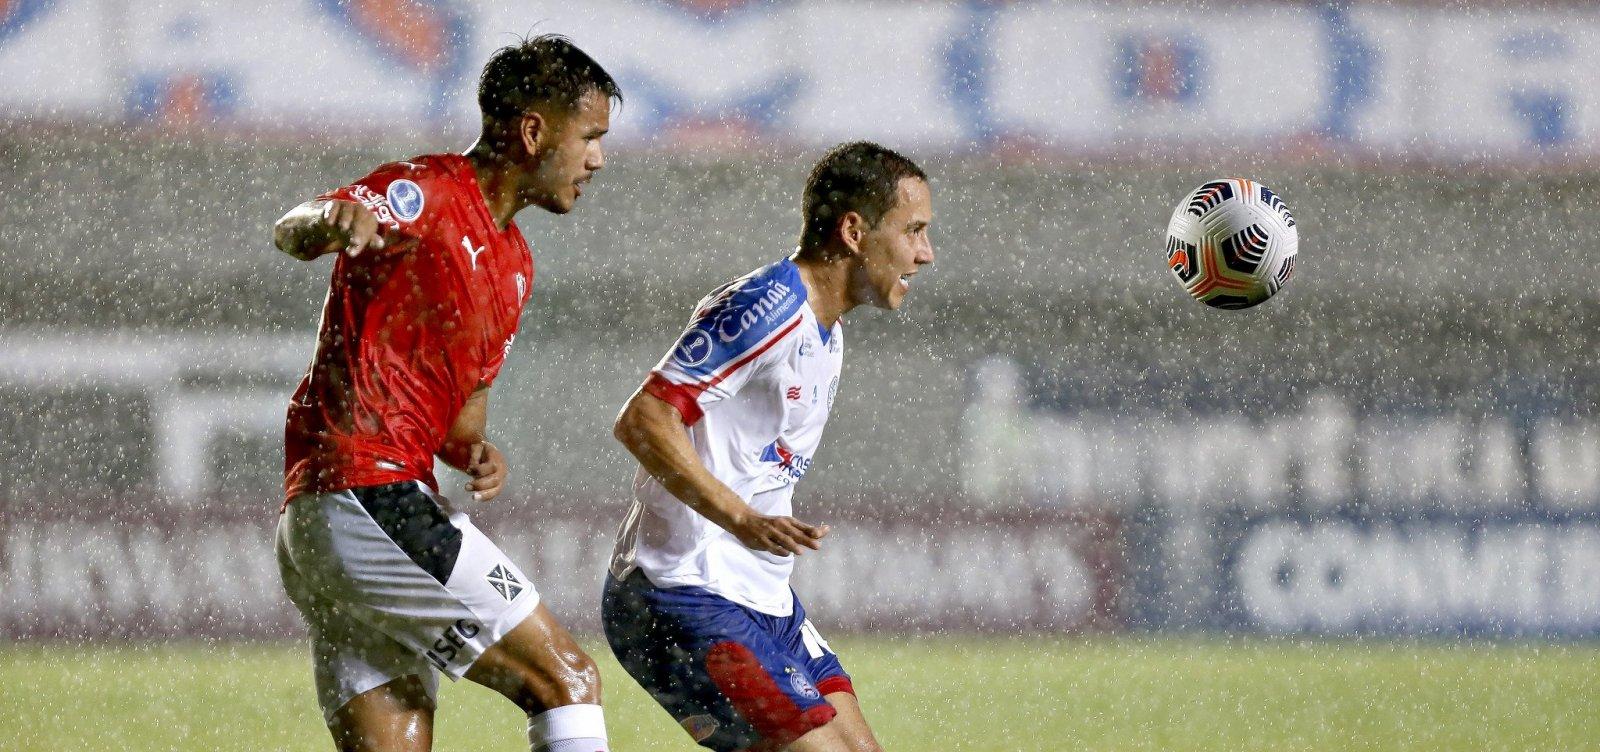 Com resultado magro, Bahia precisará vencer argentinos na luta por uma vaga na Sul-Americana